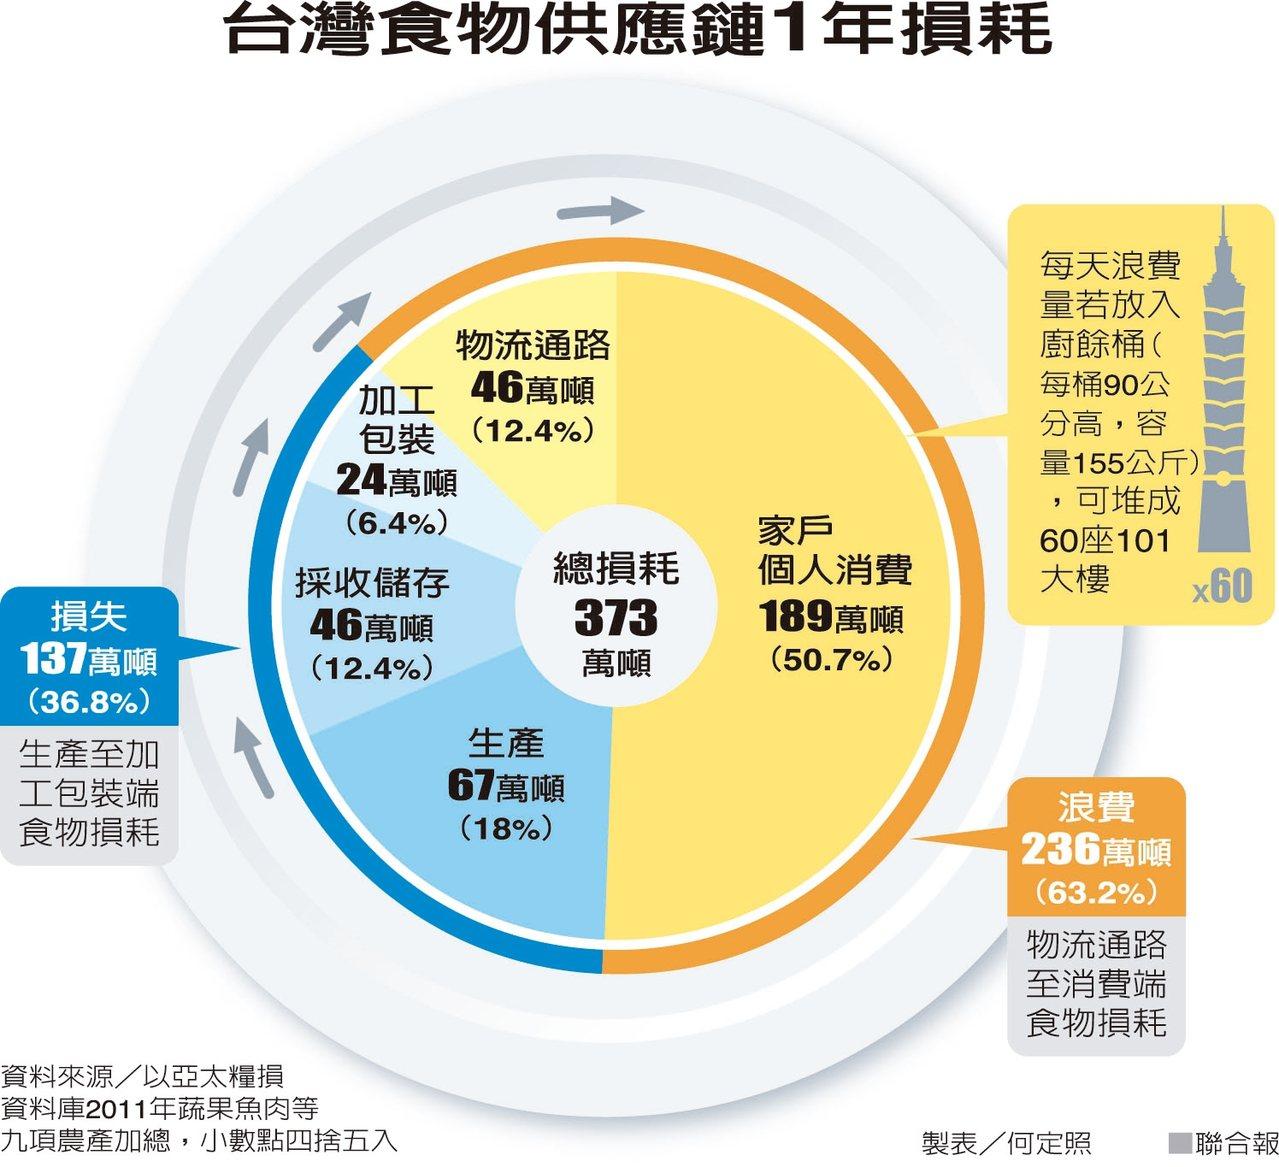 <!--台灣食物供應鏈1年損耗--> 聯合報提供